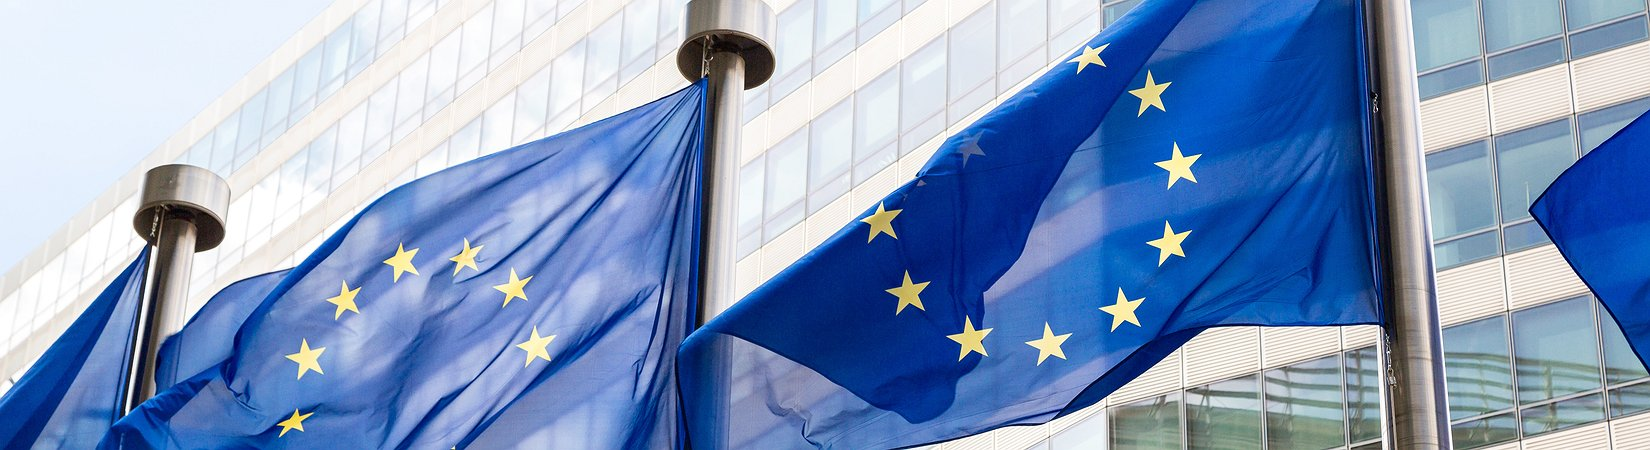 Обзор рынка: В Европе виден спрос на рисковые активы, евро и нефть снижаются